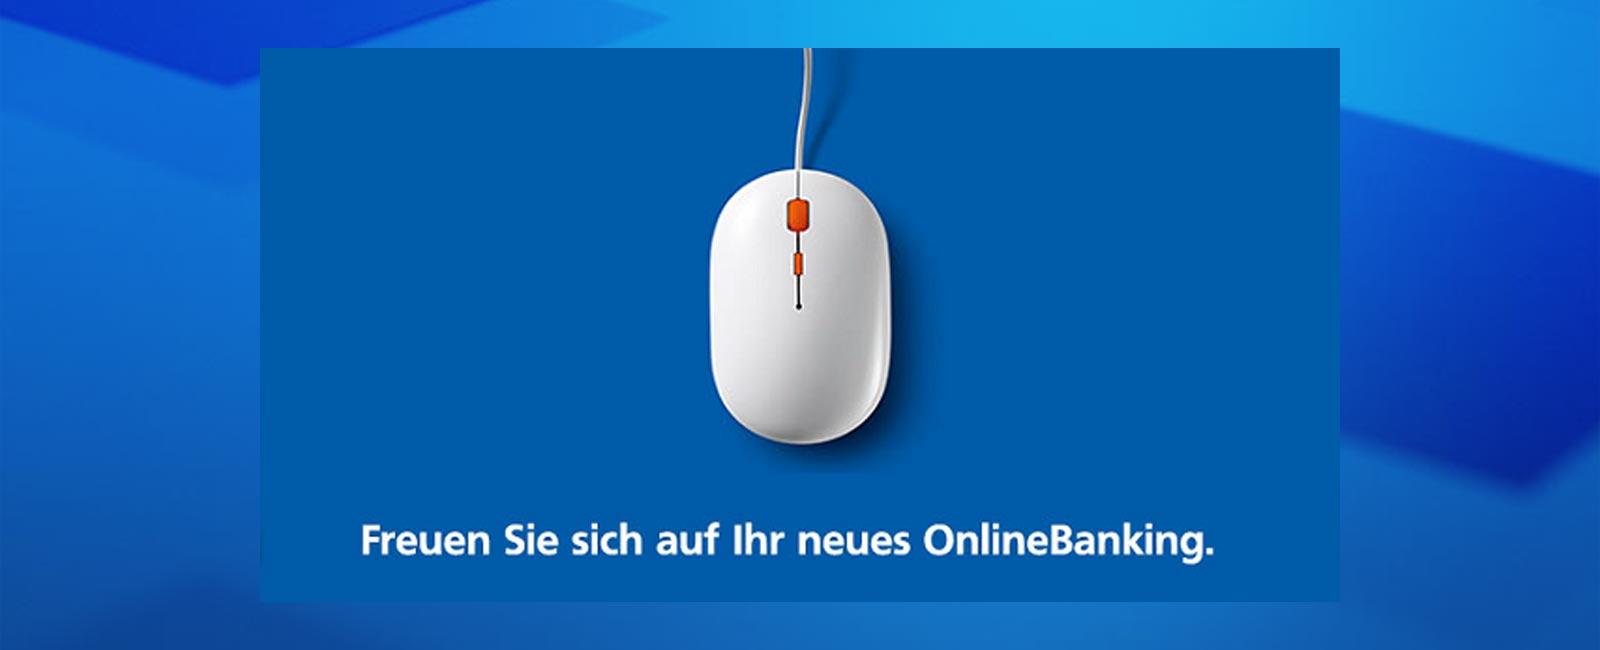 Neues OnlineBanking für Privatkunden